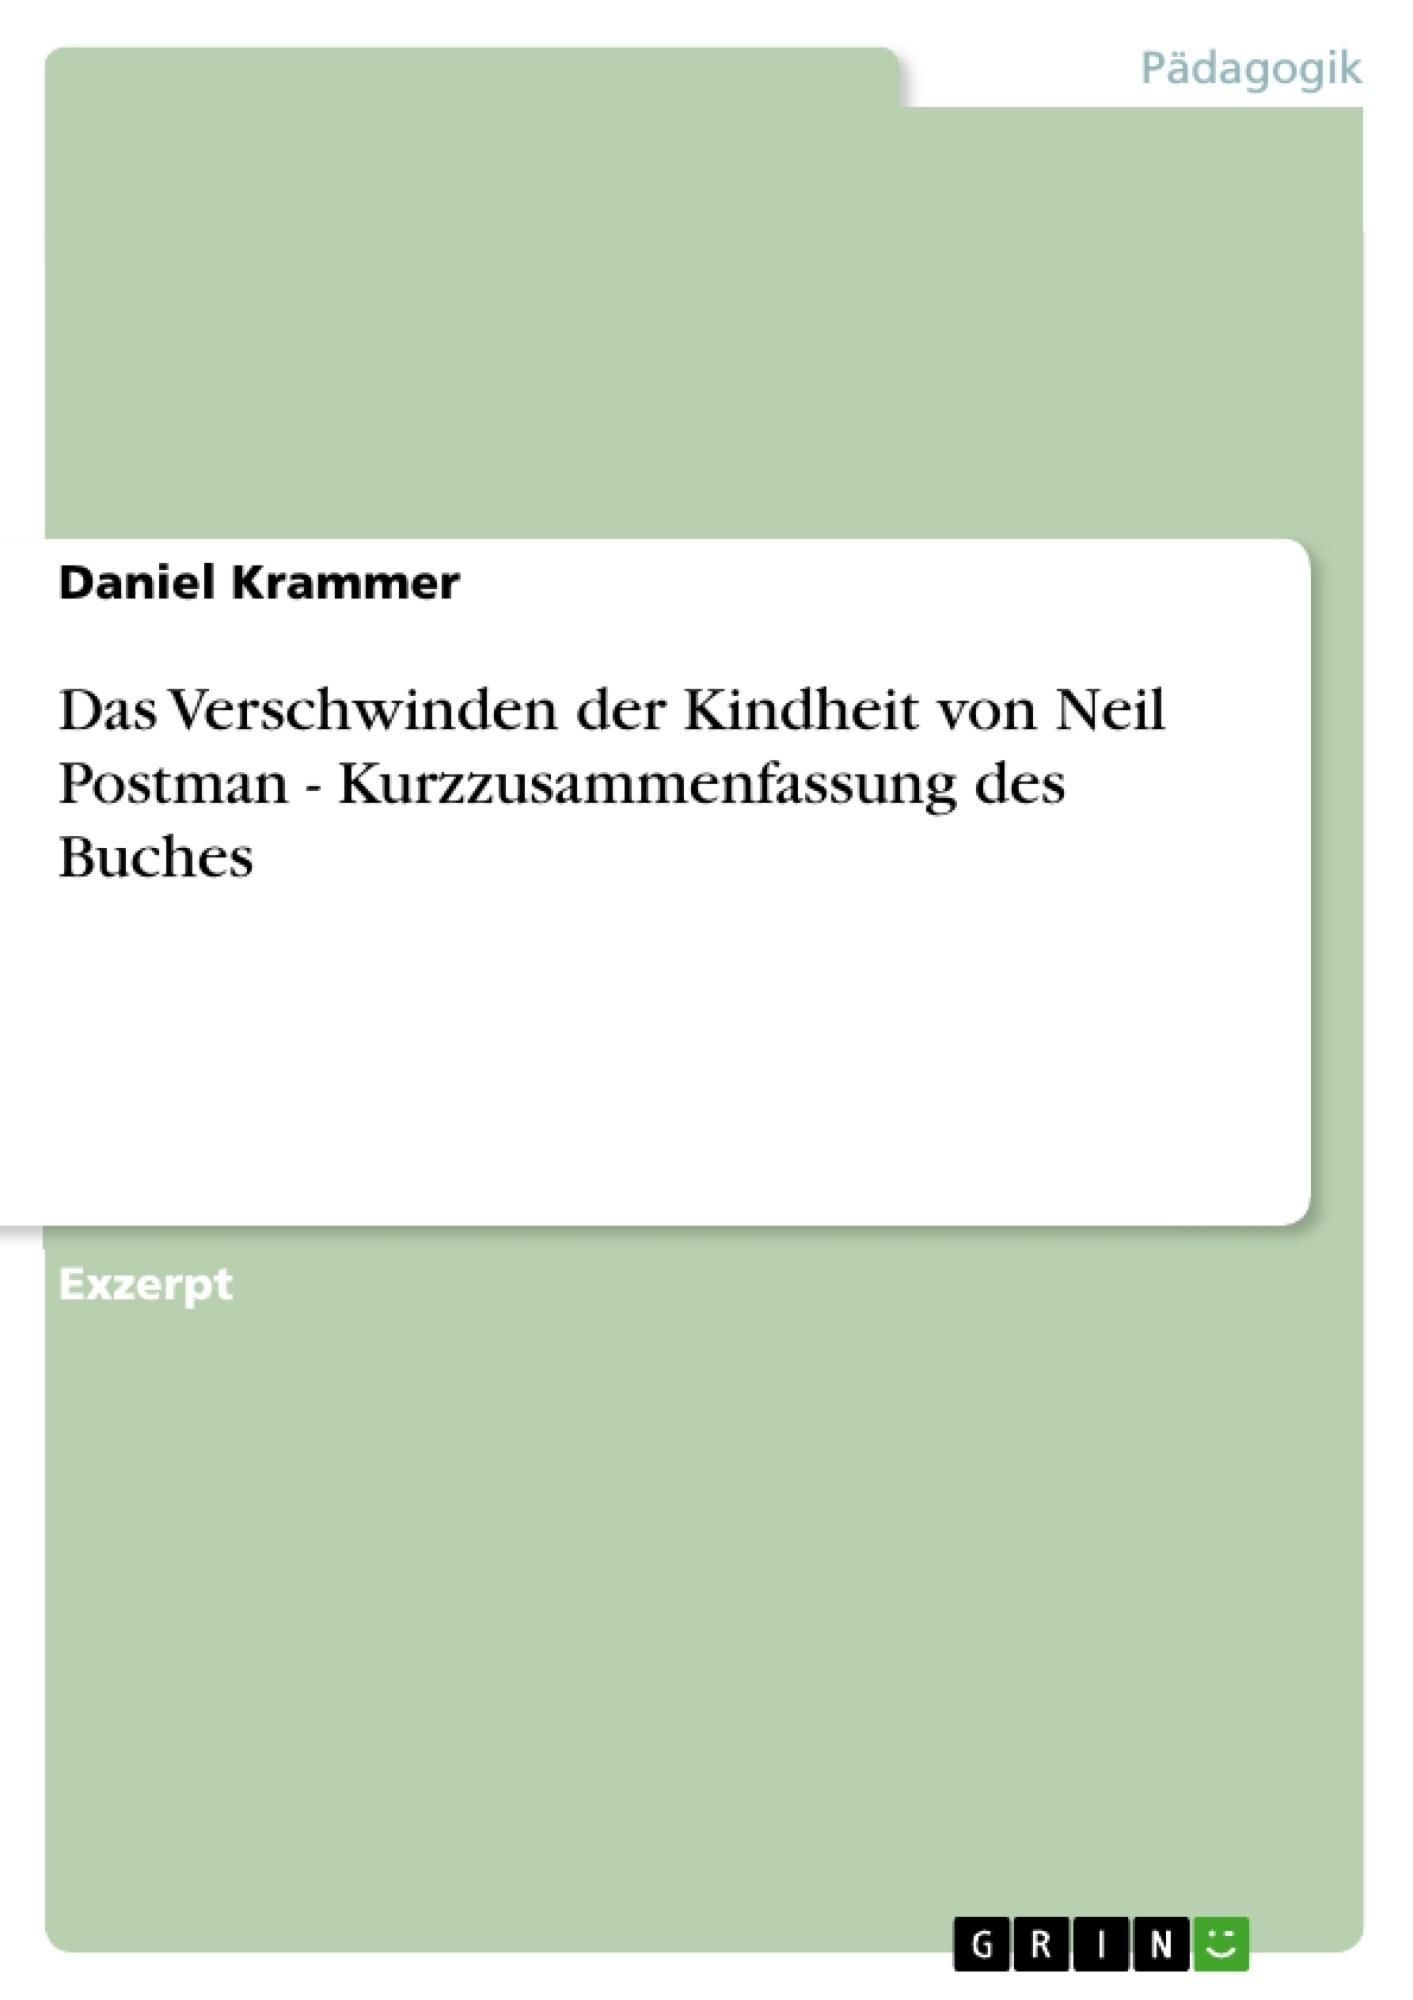 Titel: Das Verschwinden der Kindheit  von Neil Postman - Kurzzusammenfassung des Buches